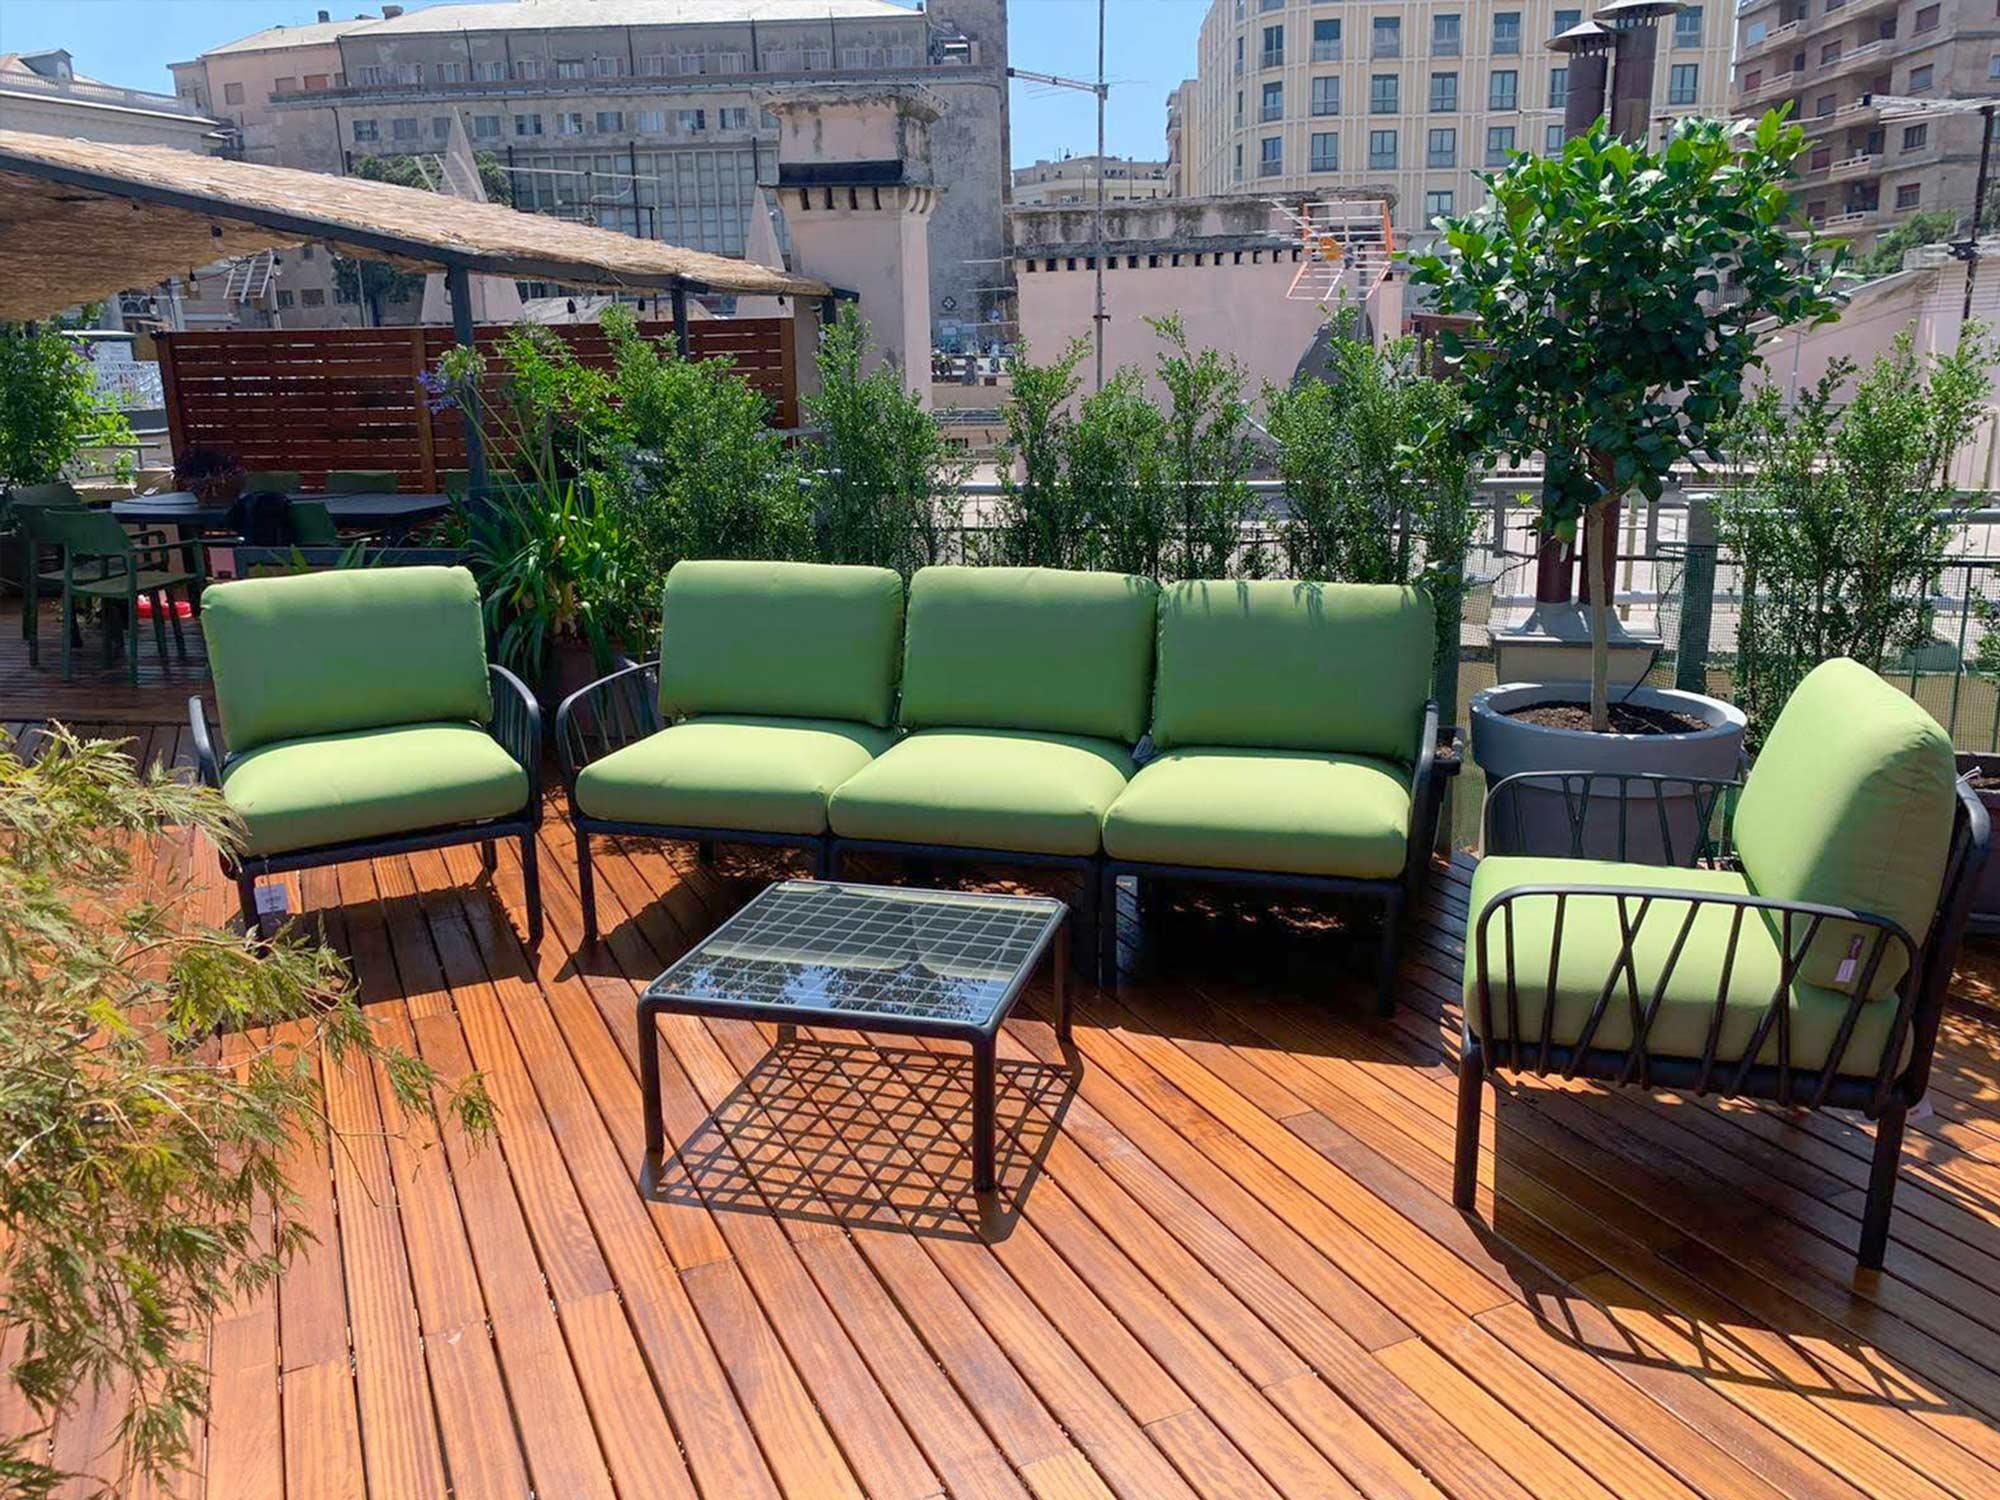 Progettazione_terrazzo_Genova_Parquet_da_esterno (3)